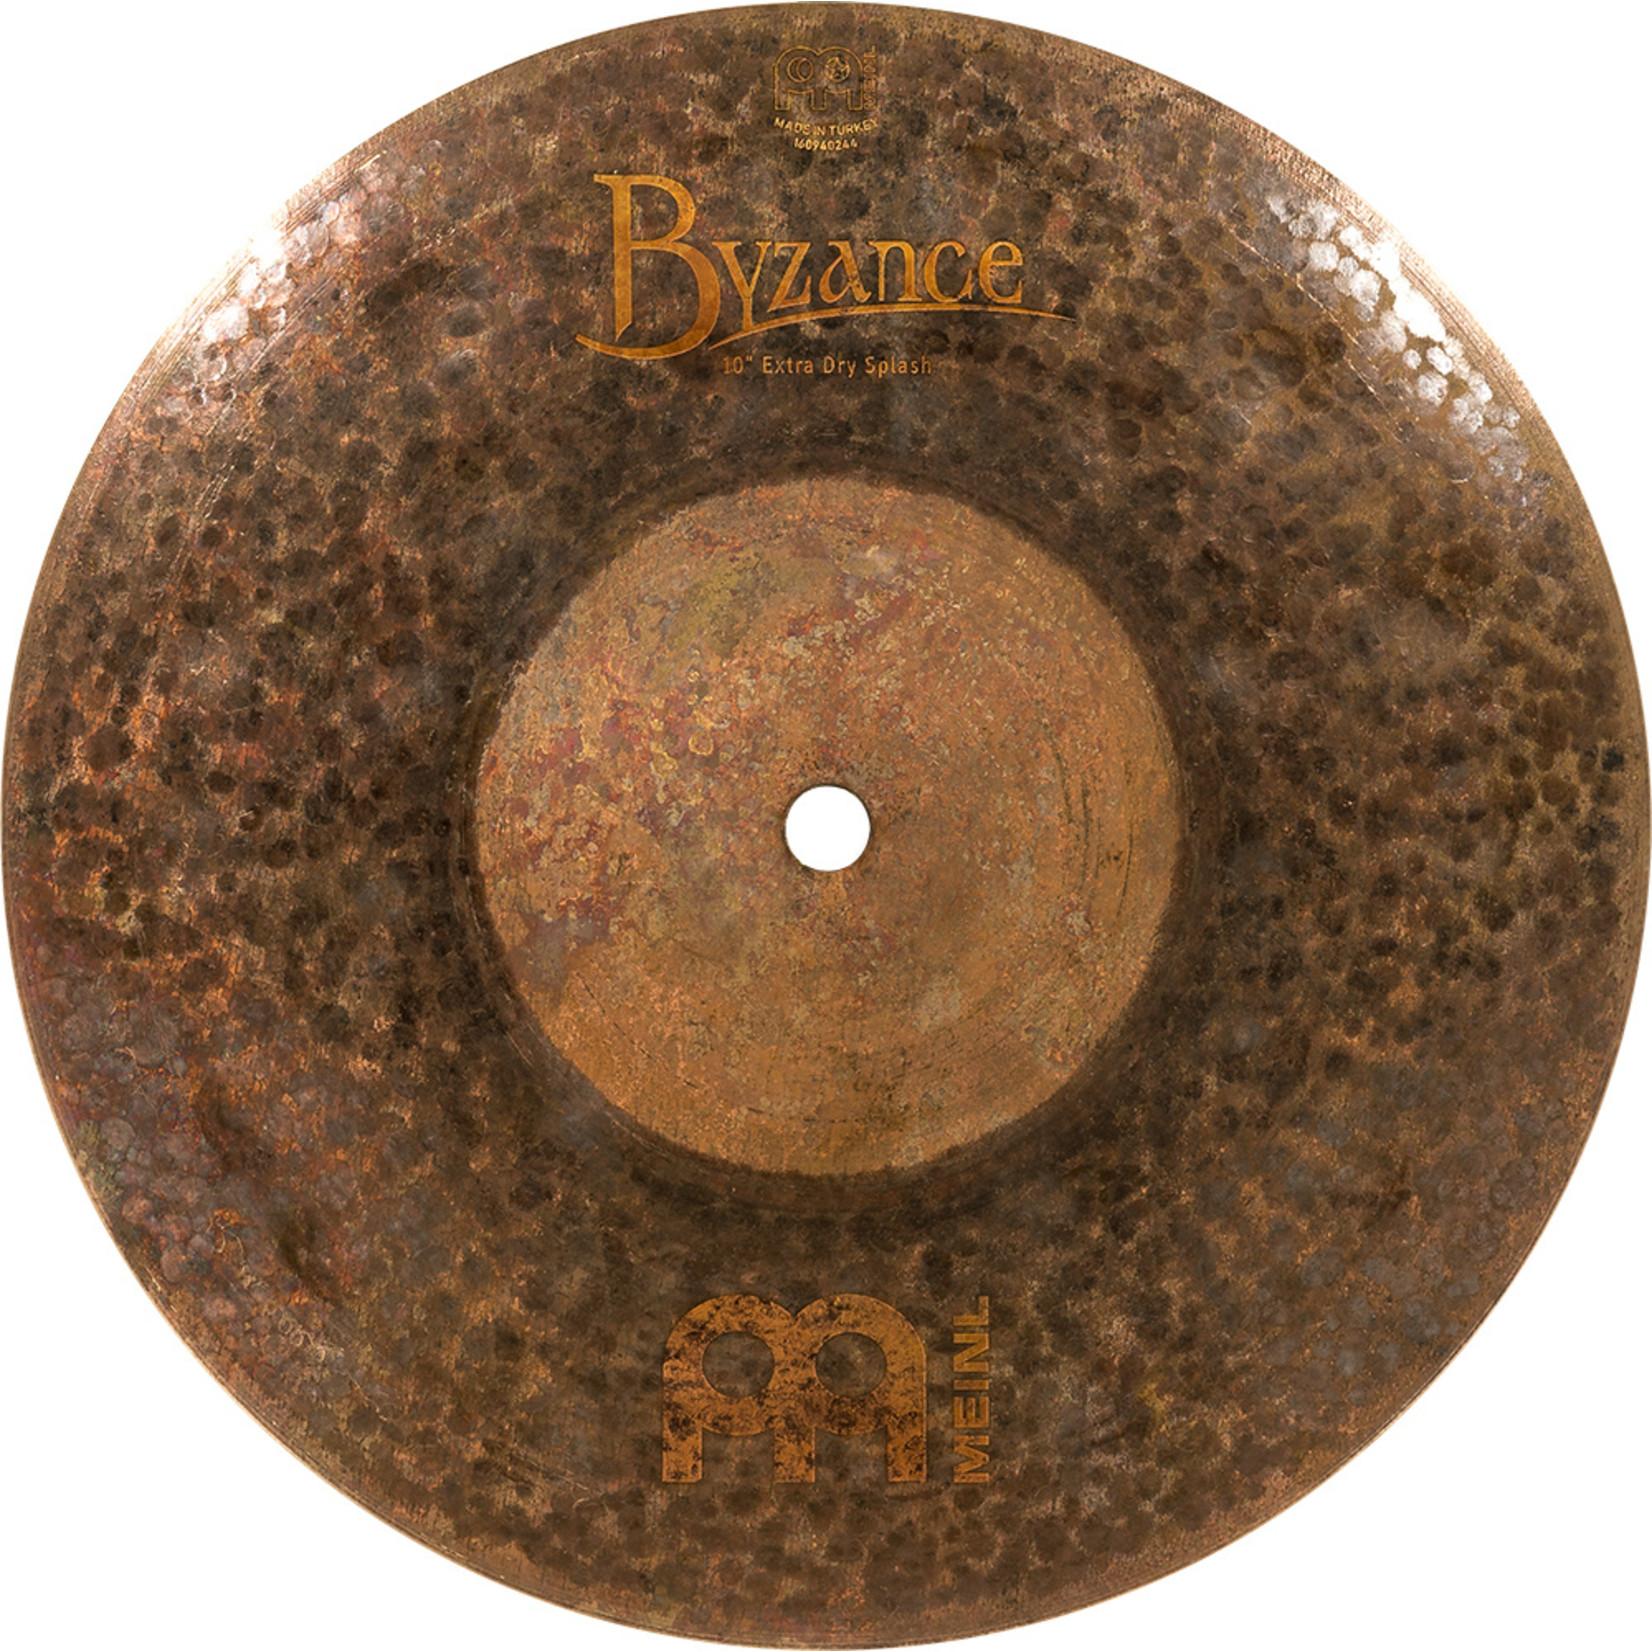 Meinl Meinl Byzance 10'' Extra Dry Splash